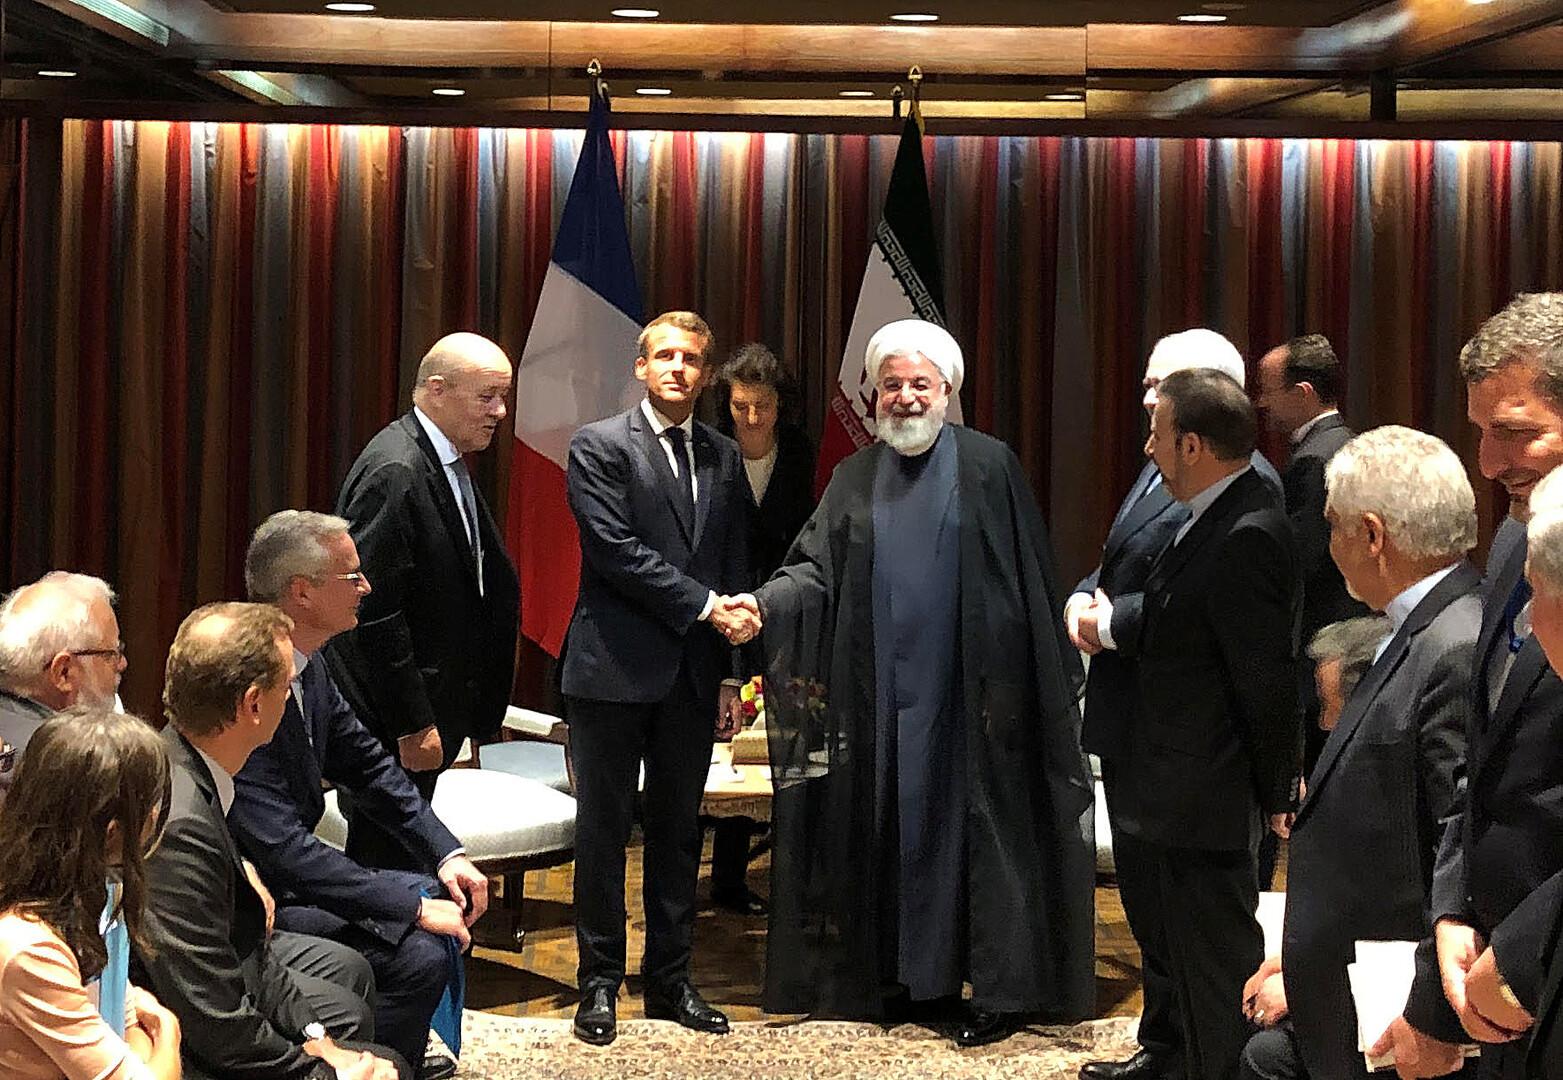 إيران تهاجم البيان البريطاني الألماني الفرنسي المتعلق بهجوم أرامكو